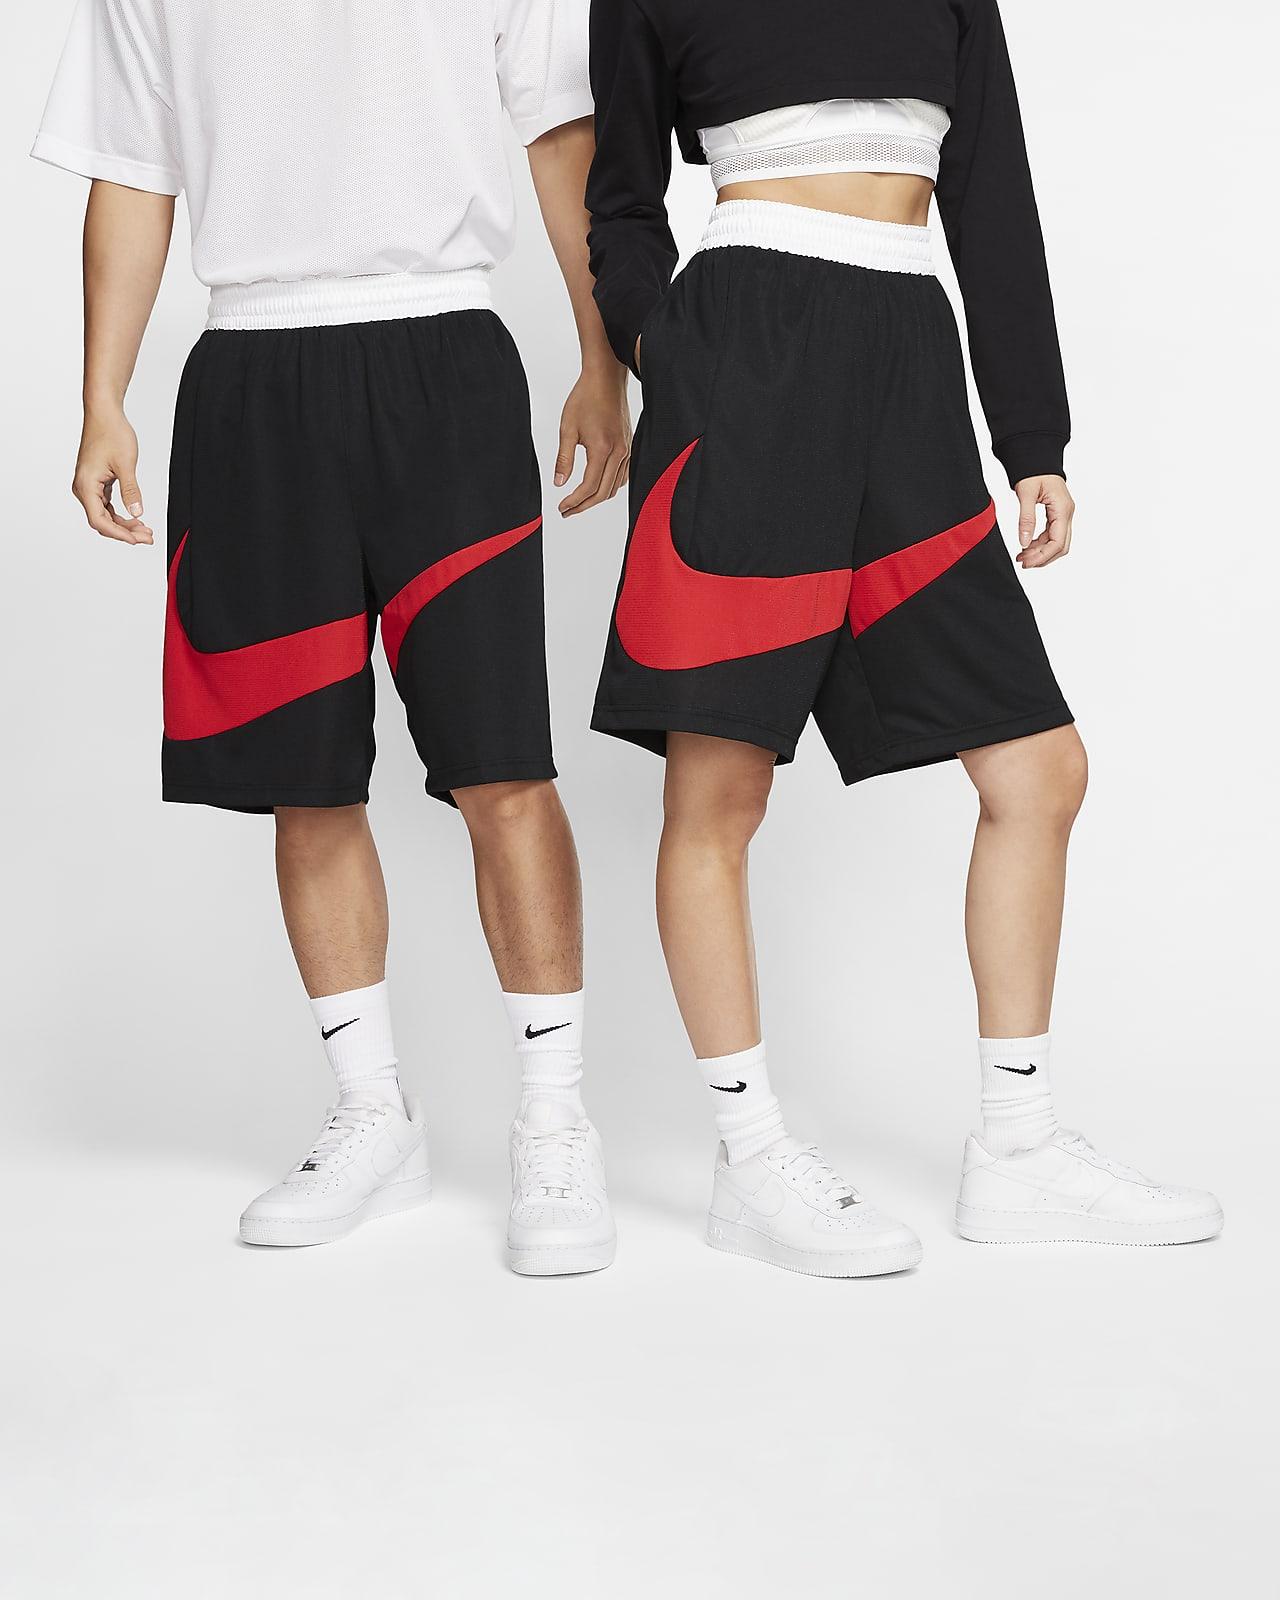 Nike Dri-FIT 男子篮球短裤